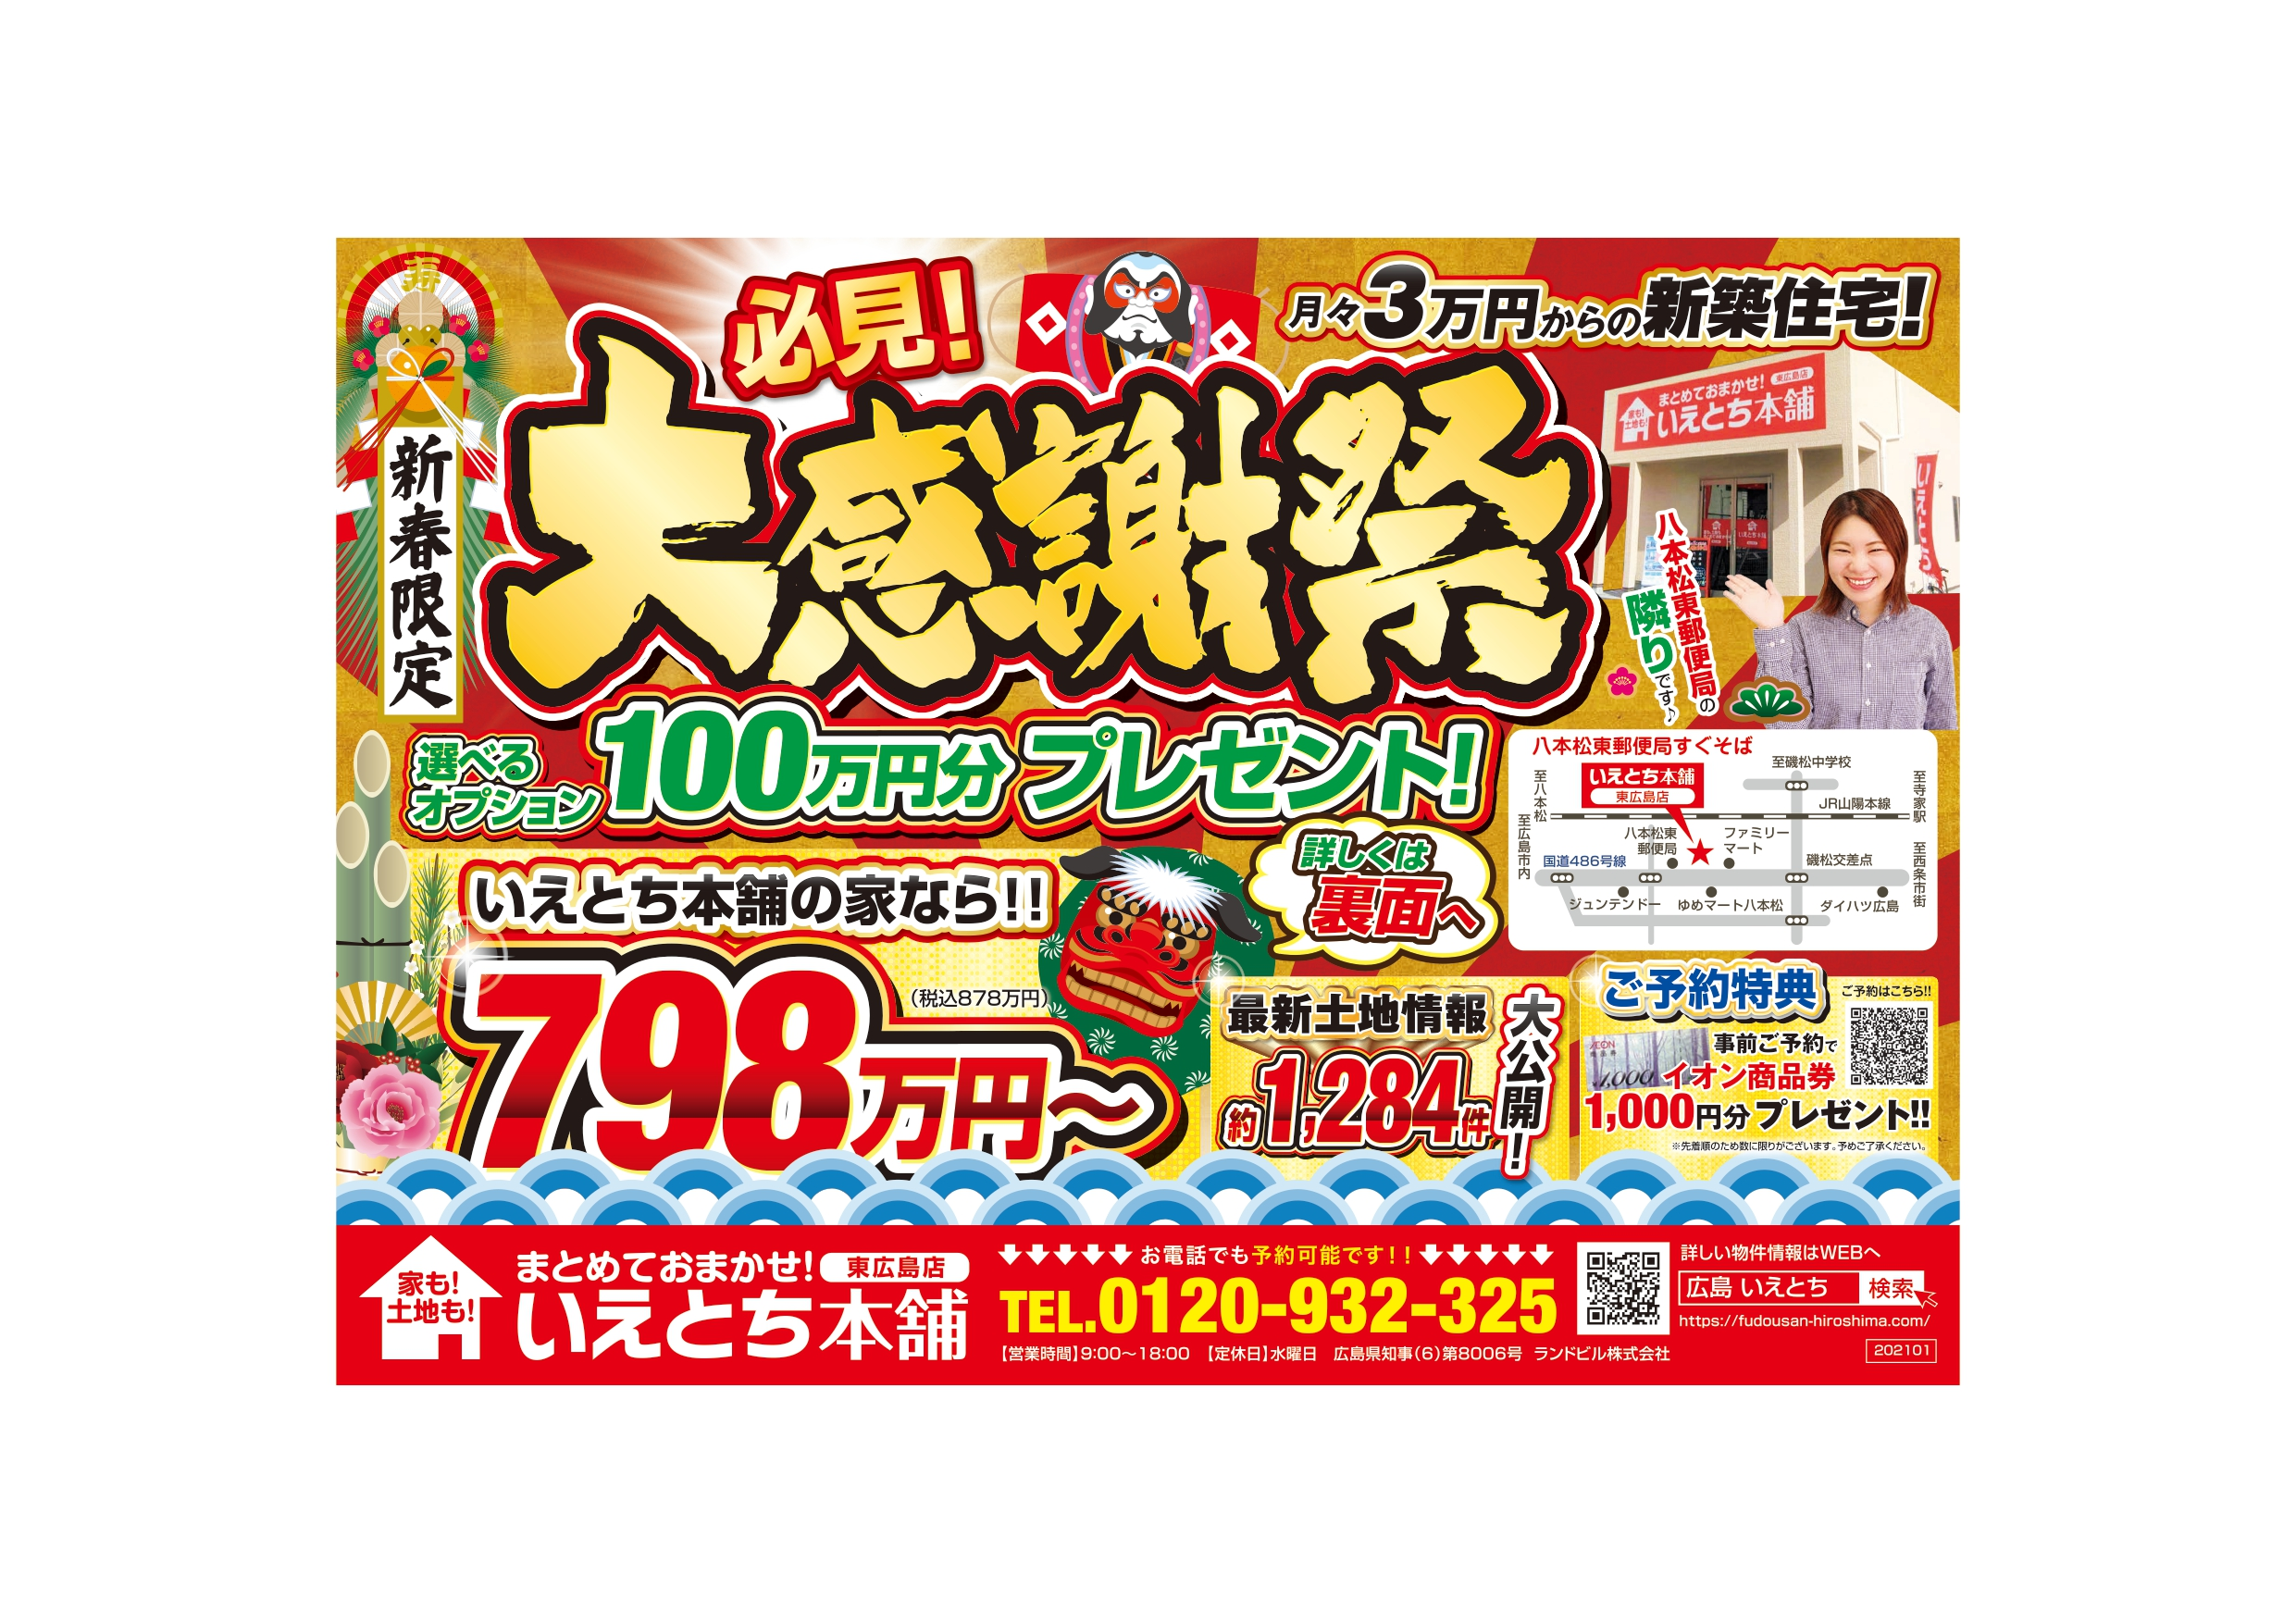 新春限定! 大感謝祭!! 選べる100万円分プレゼント!!!